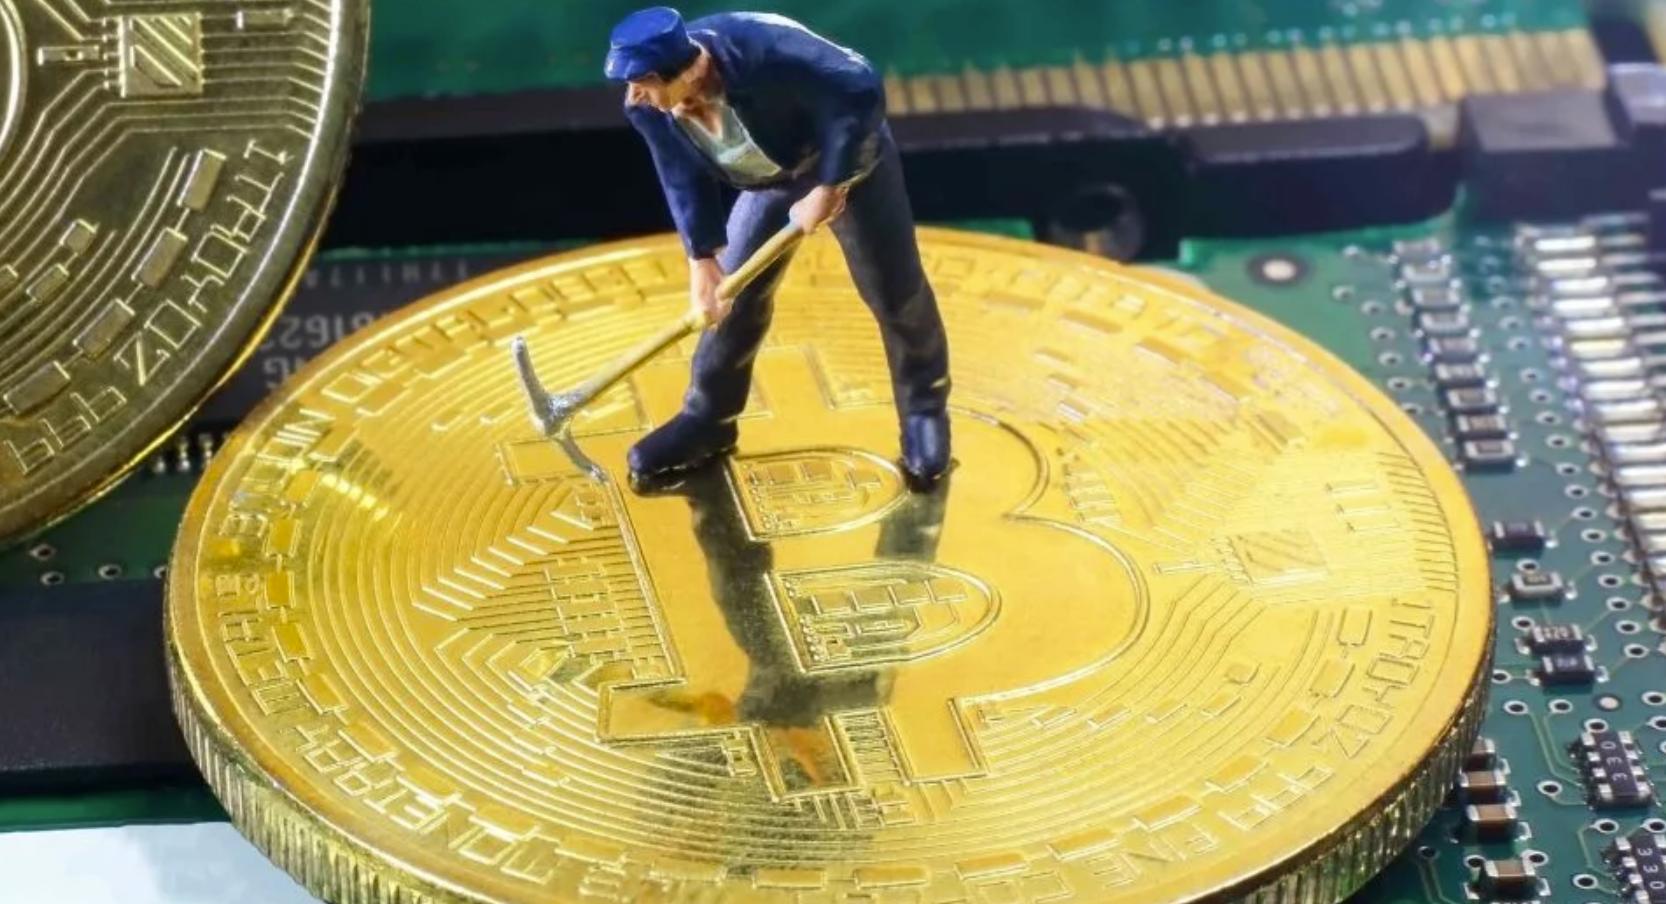 mennyi volt a bitcoin a kezdetektől fogva a bináris opciók leghatékonyabb stratégiája